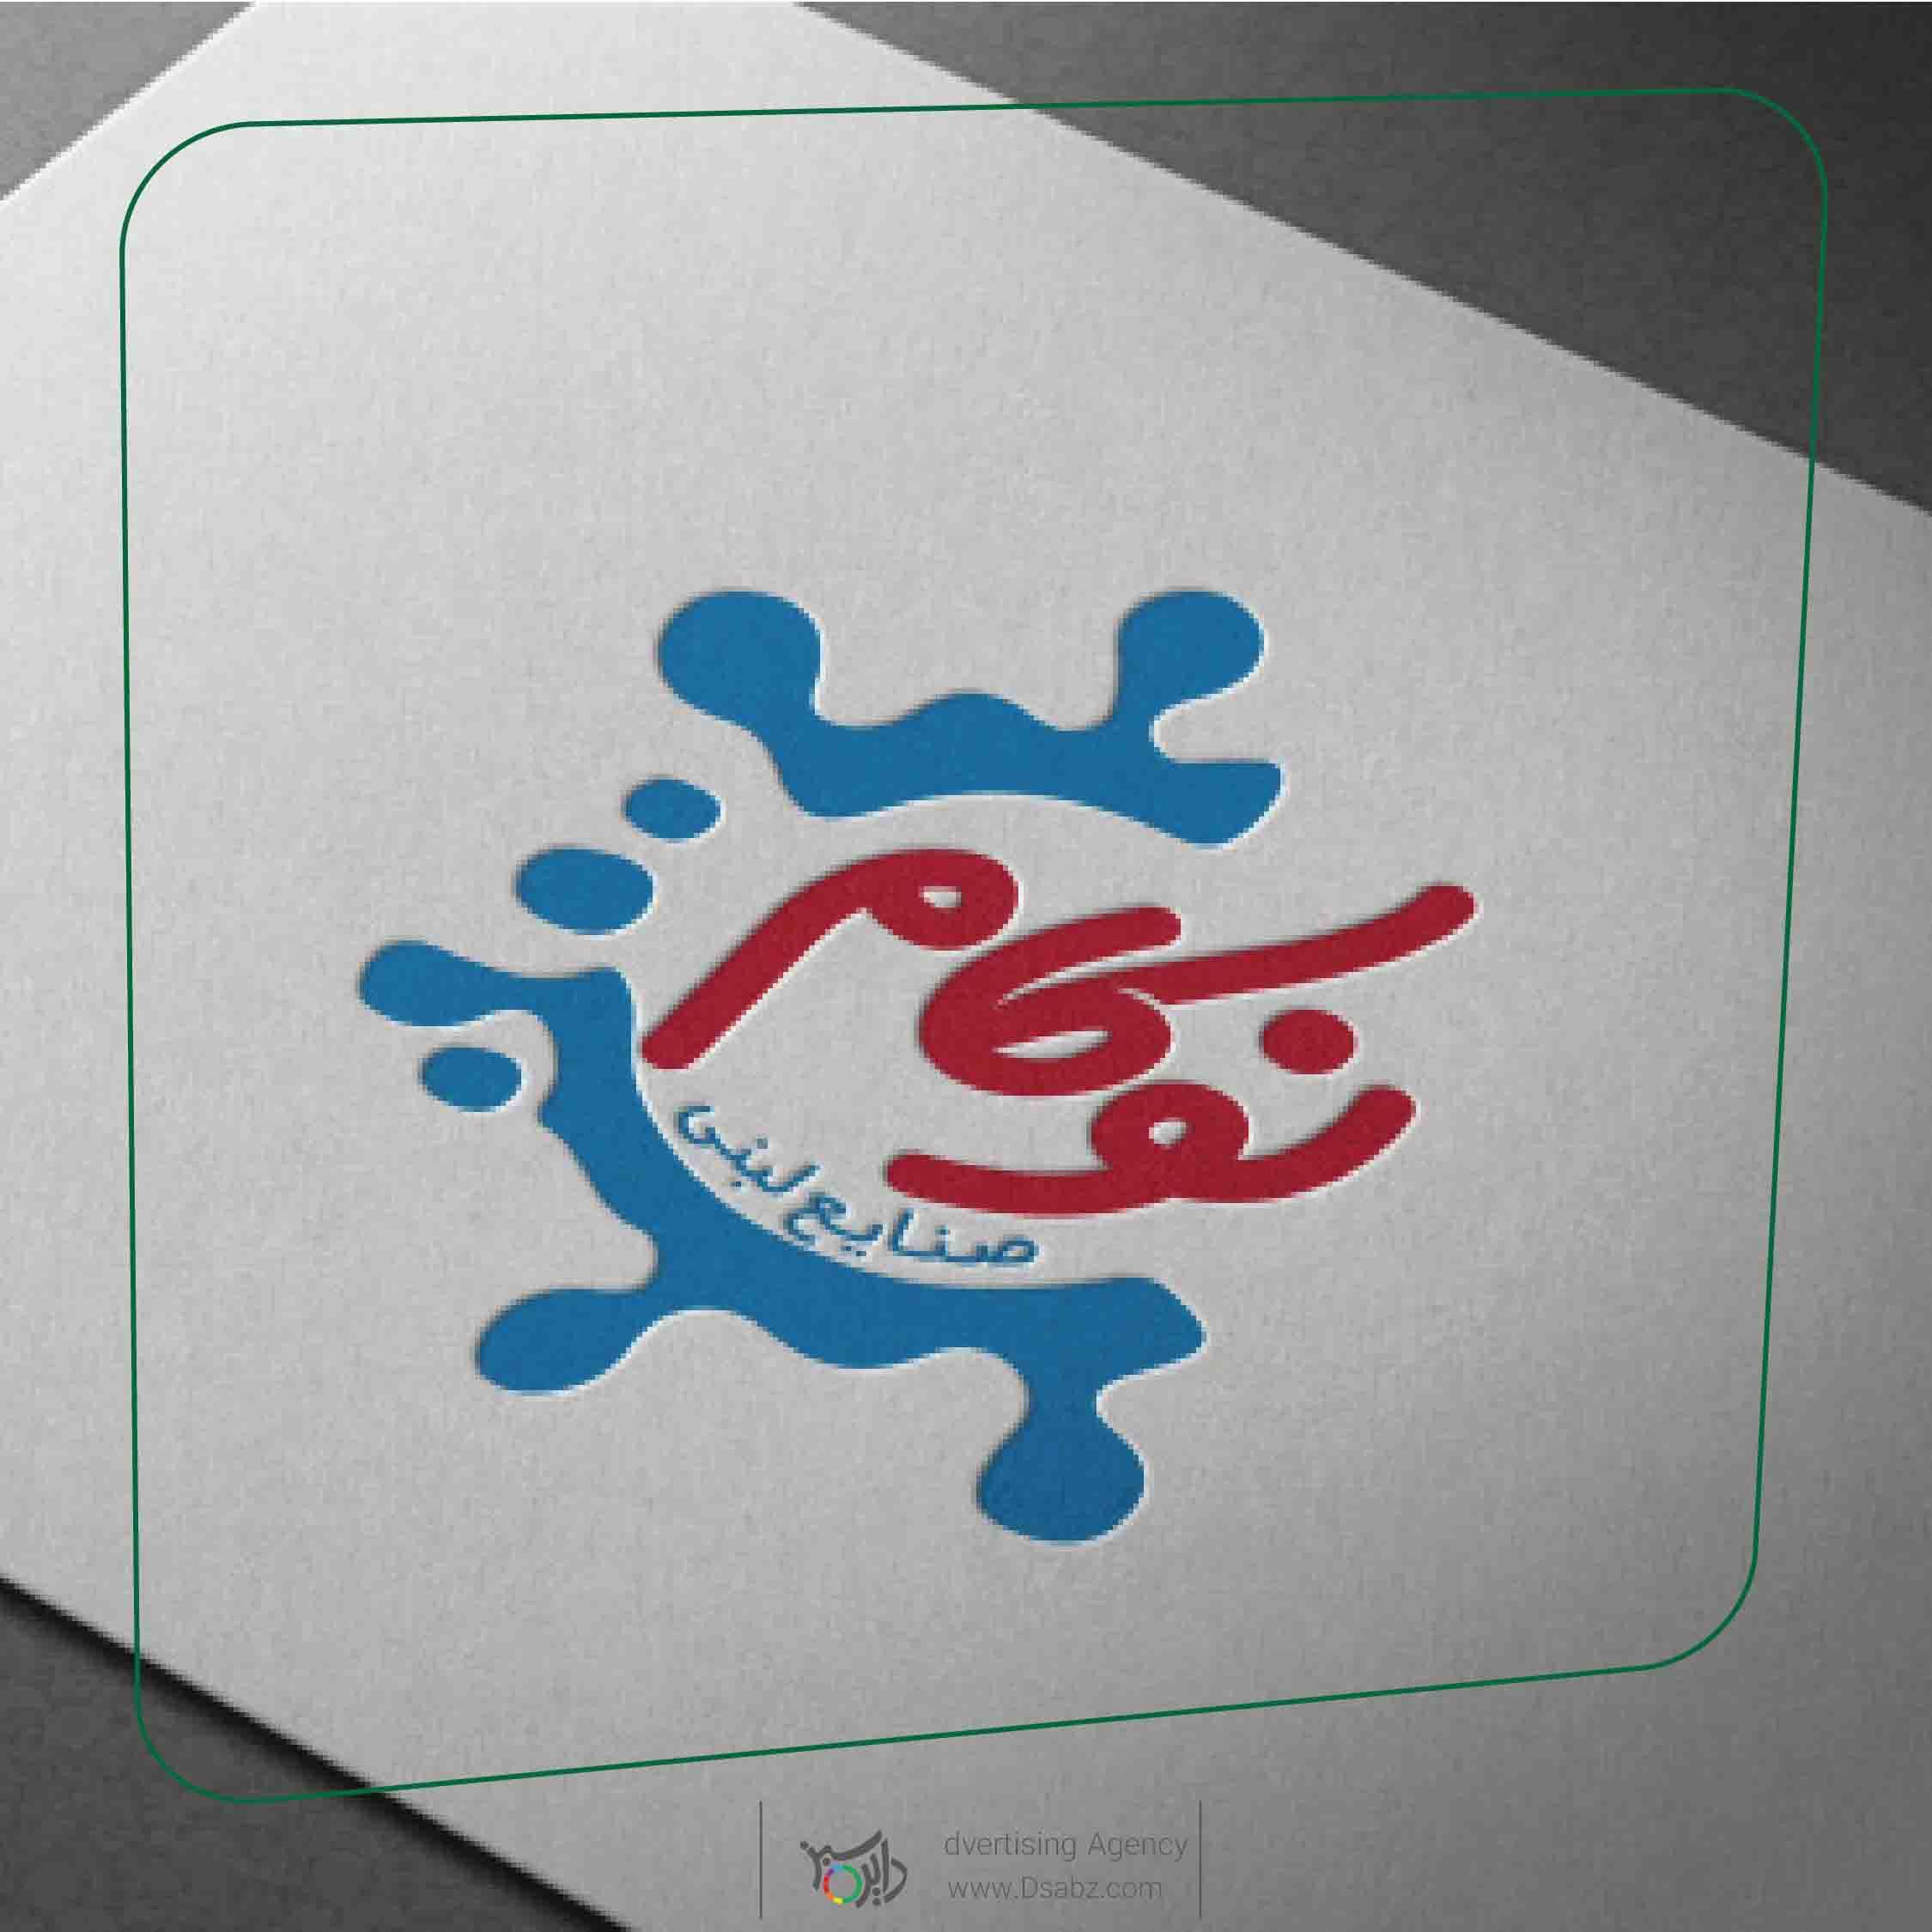 طراحی ست کامل اداری شرکت تولیدی مهندسی پرتوآ